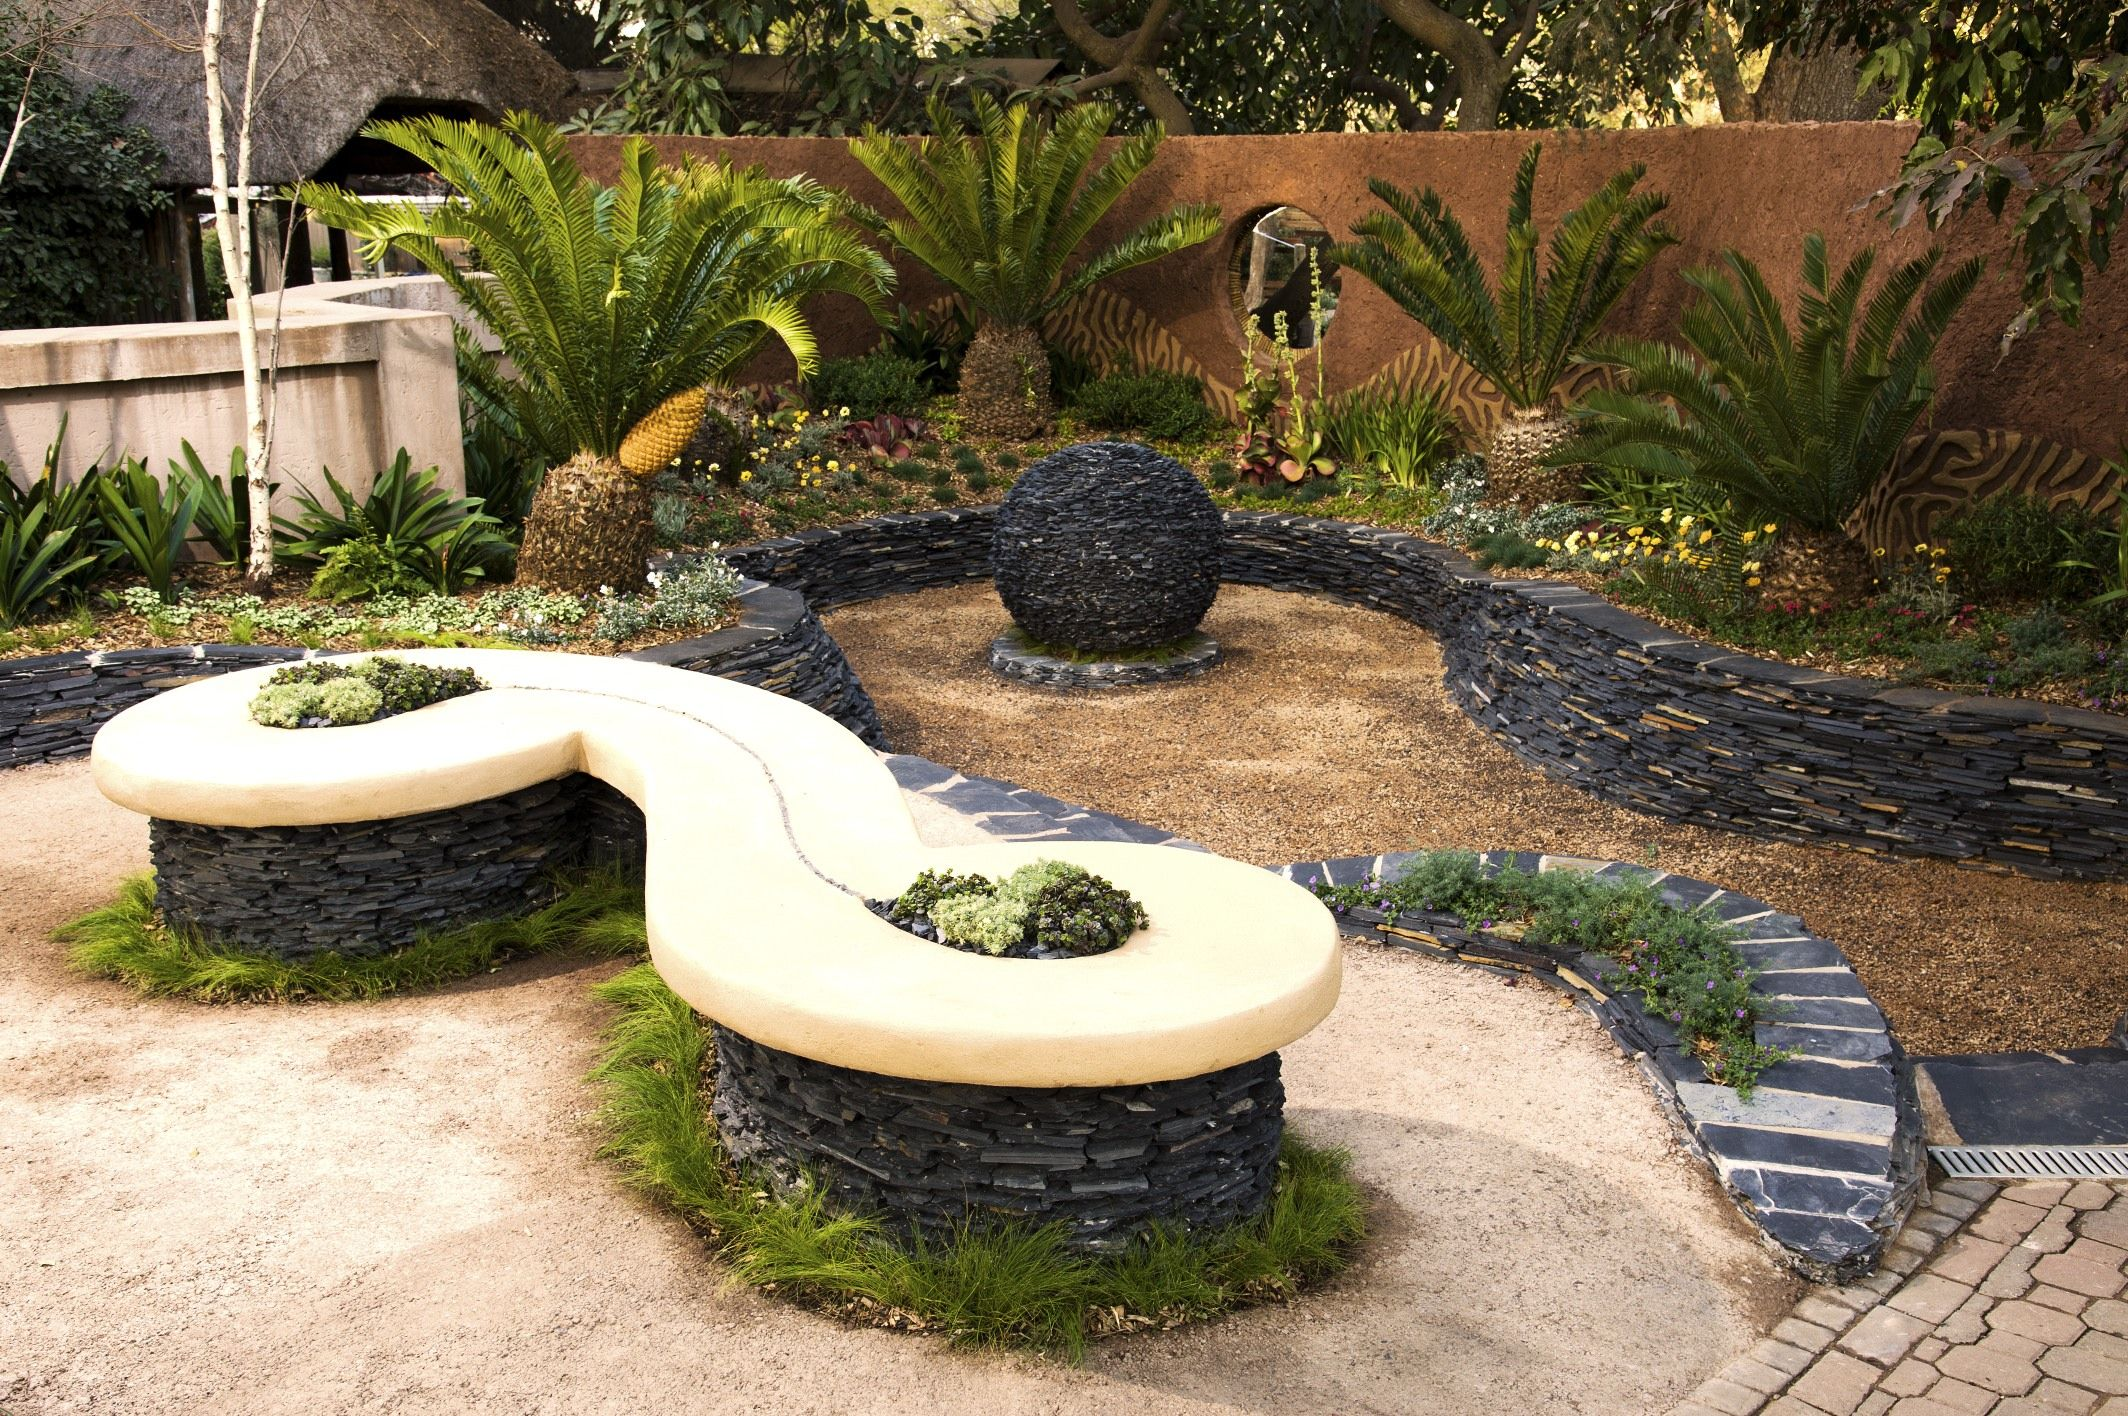 2012 Show Garden - Sunken Cycad Garden